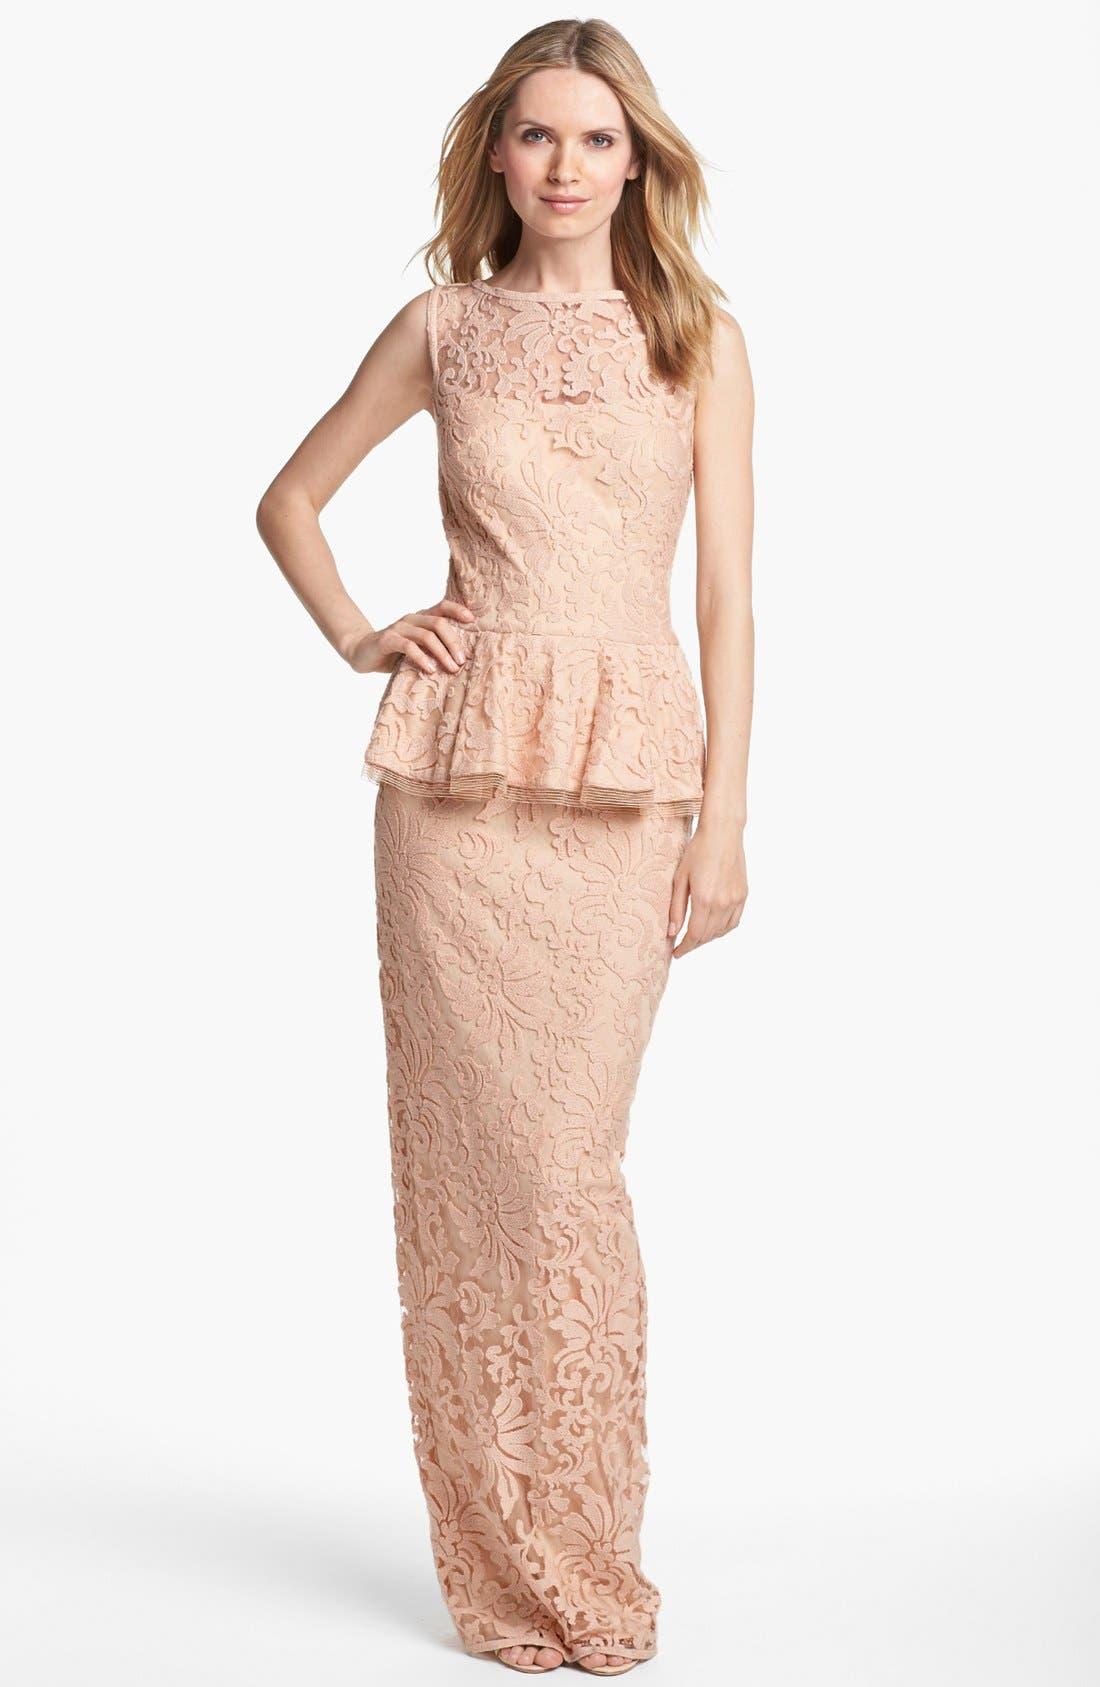 Alternate Image 1 Selected - Tadashi Shoji Sleeveless Lace Peplum Gown